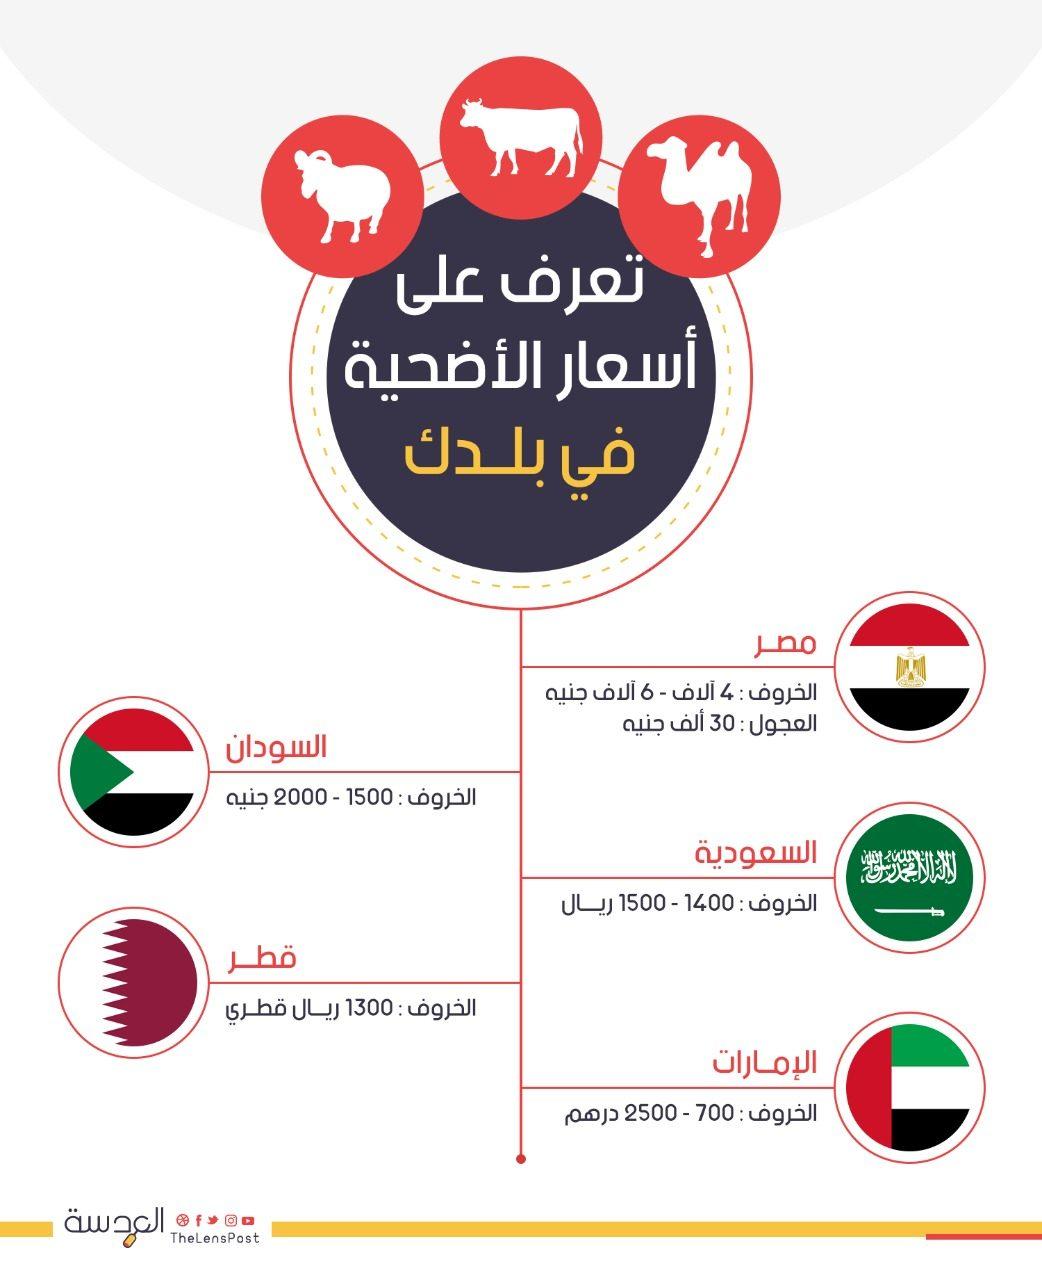 الدول العربية و اسعار الاضحية فيها